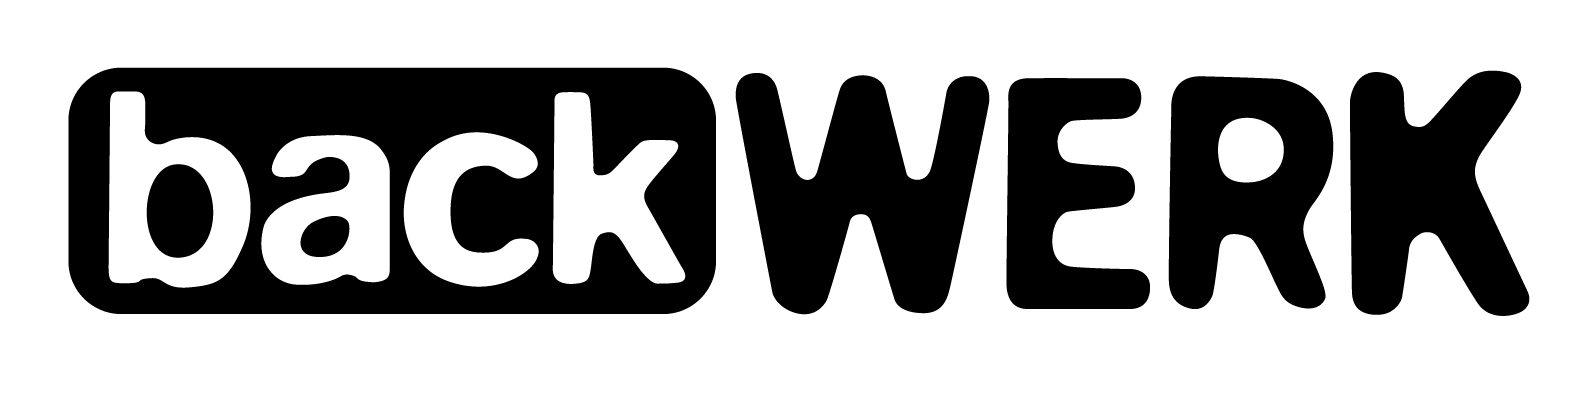 backwerk-logo-diap_liggend-02